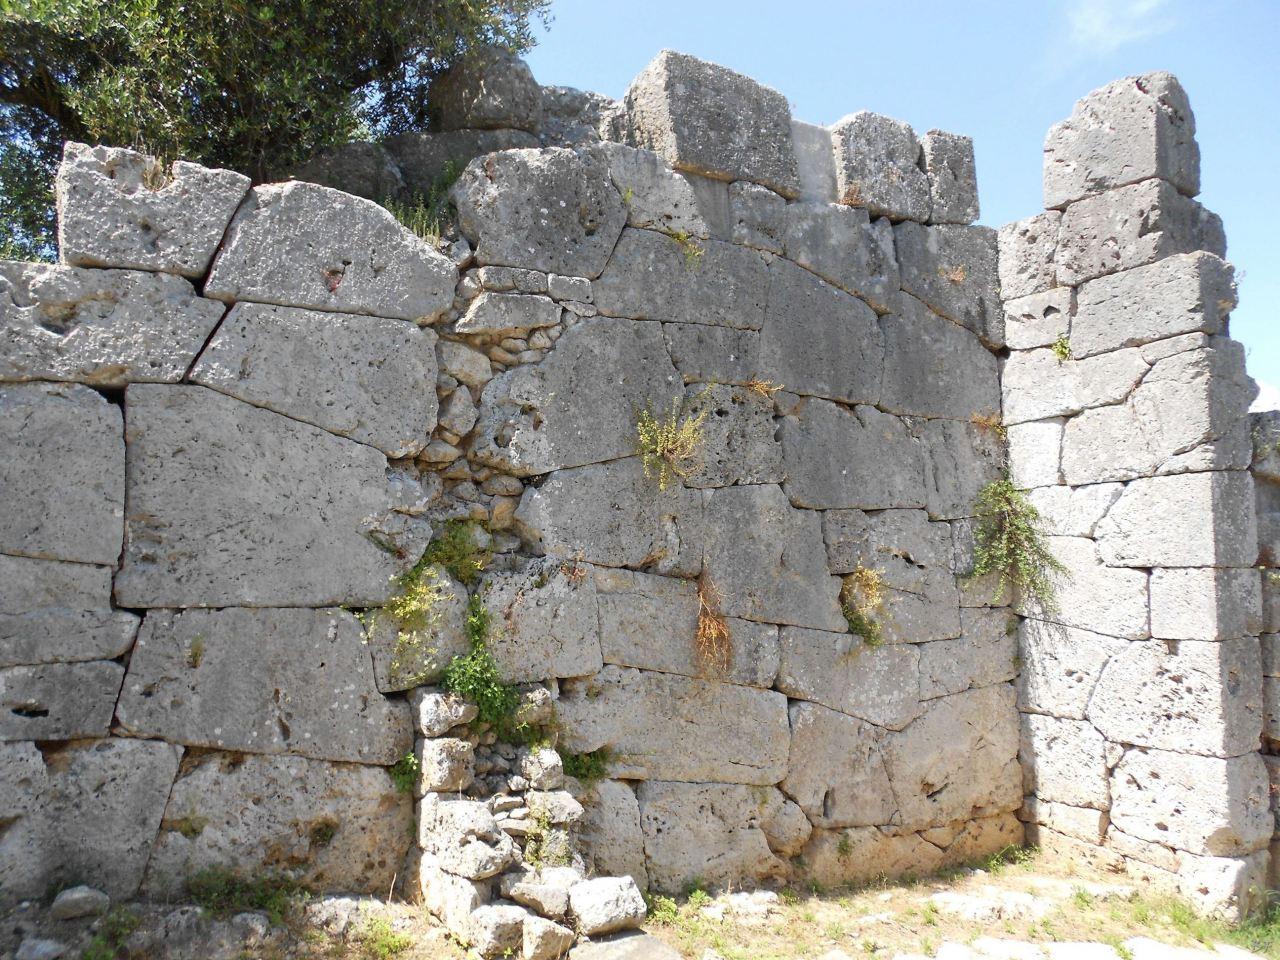 Cosa-Mura-Megalitiche-Ansedonia-Grosseto-Toscana-Italia-24